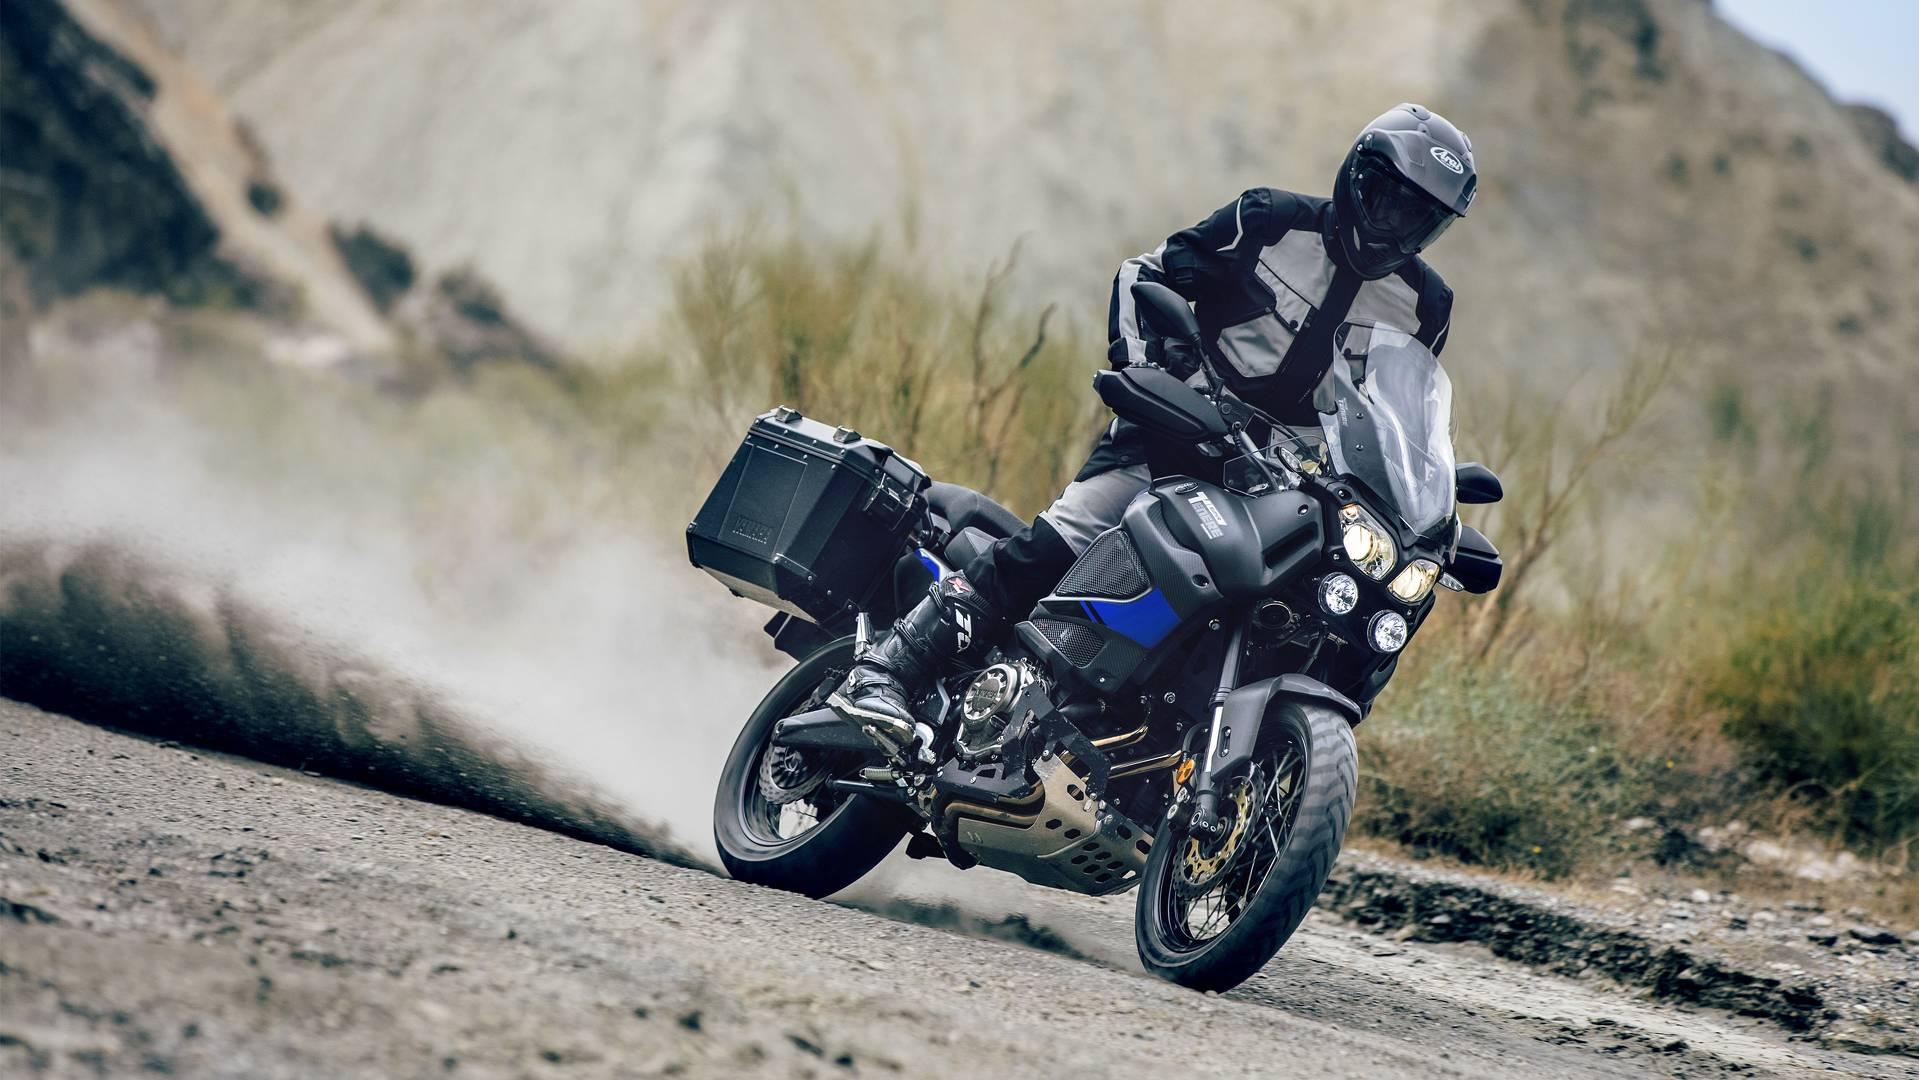 315d7620876 Yamaha presenta la nueva Super Ténéré Raid Edition y el prototipo Ténéré  700 World Raid